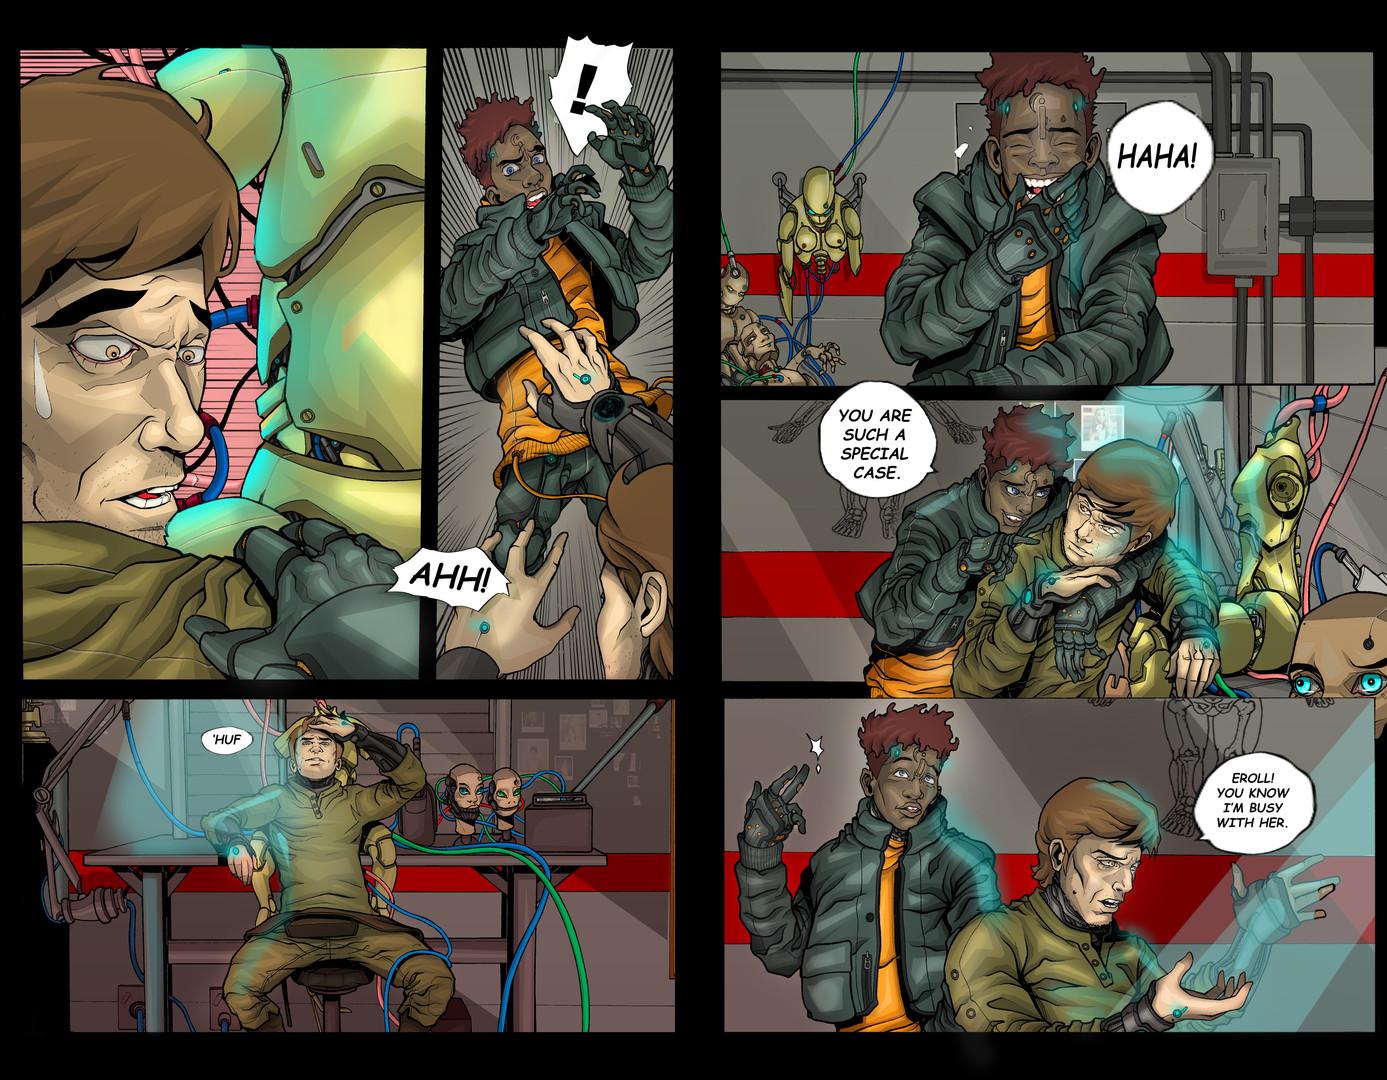 XWRECKONING page 25-26.jpg